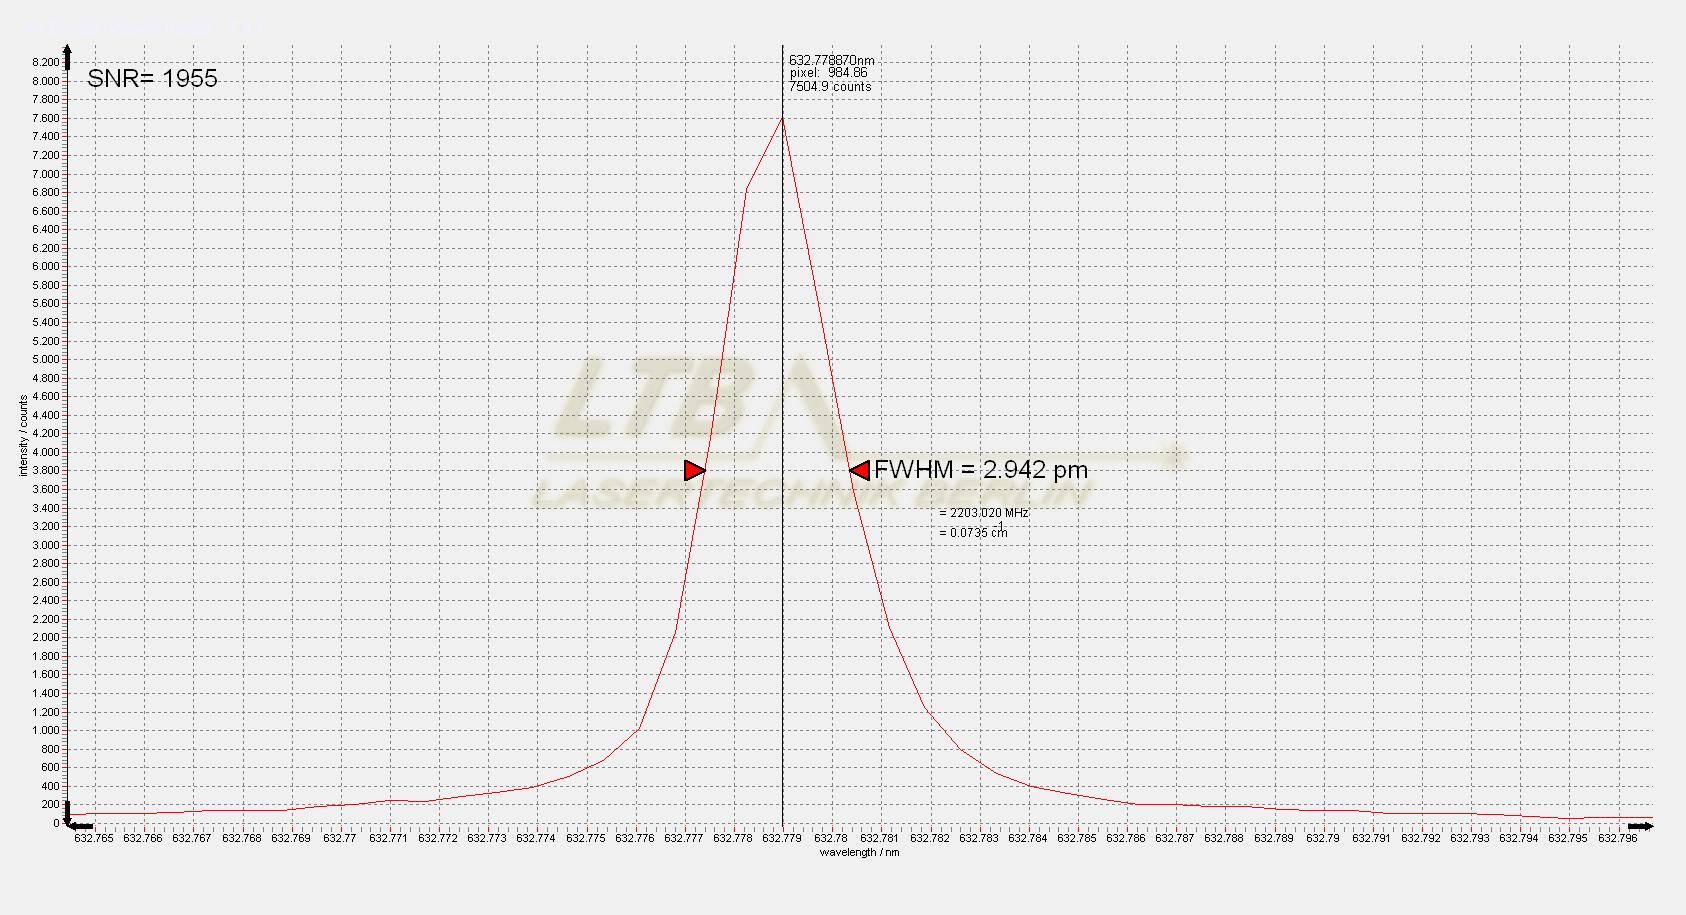 Super DEMON 632 nm slit spectrum